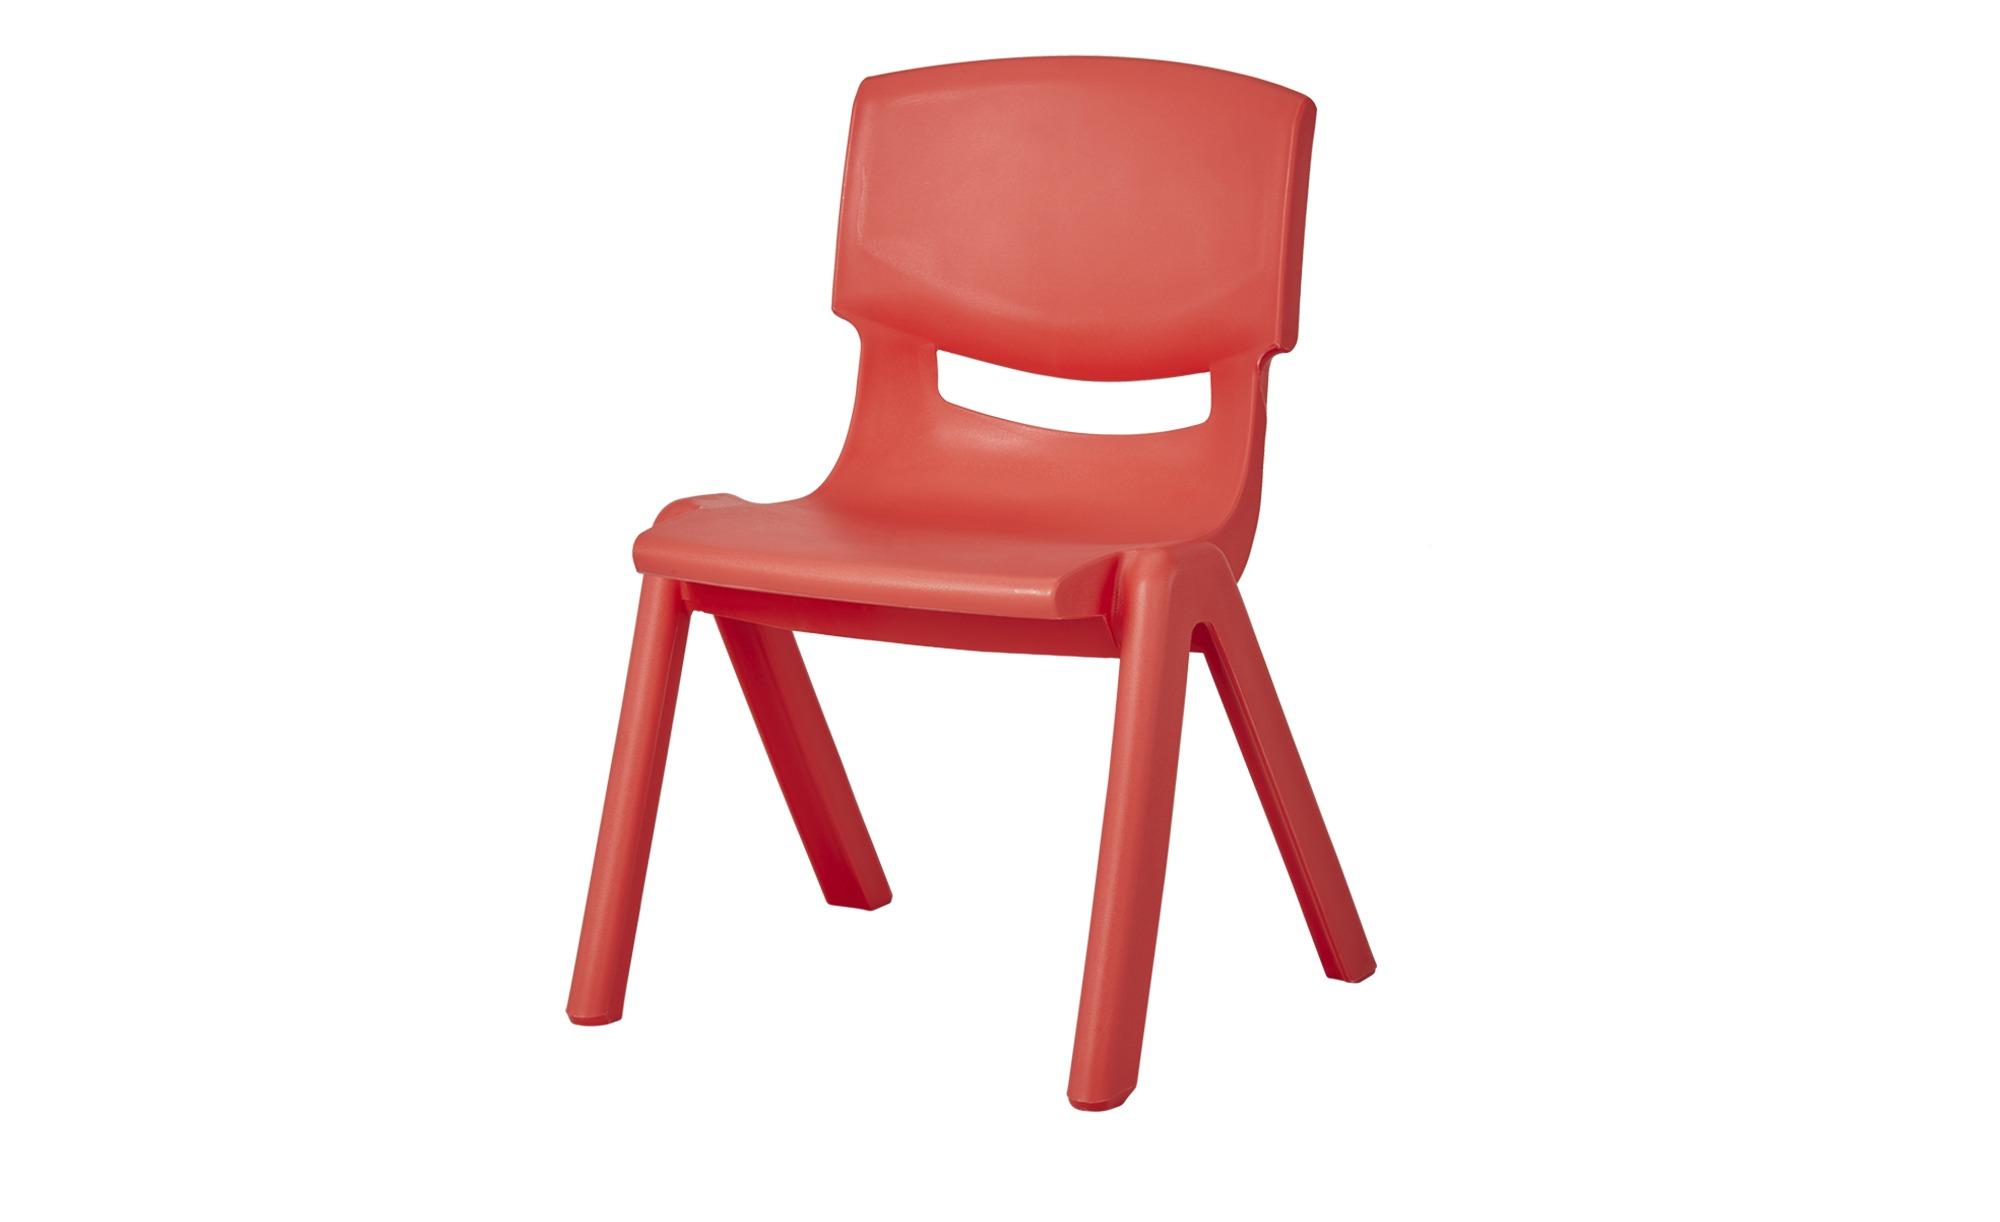 Kinderstuhl ¦ rot ¦ Maße (cm): B: 26 H: 53 T: 26 Kindermöbel > Kinderdrehstühle - Höffner | Kinderzimmer > Kinderzimmerstühle > Kinderstühle | Möbel Höffner DE